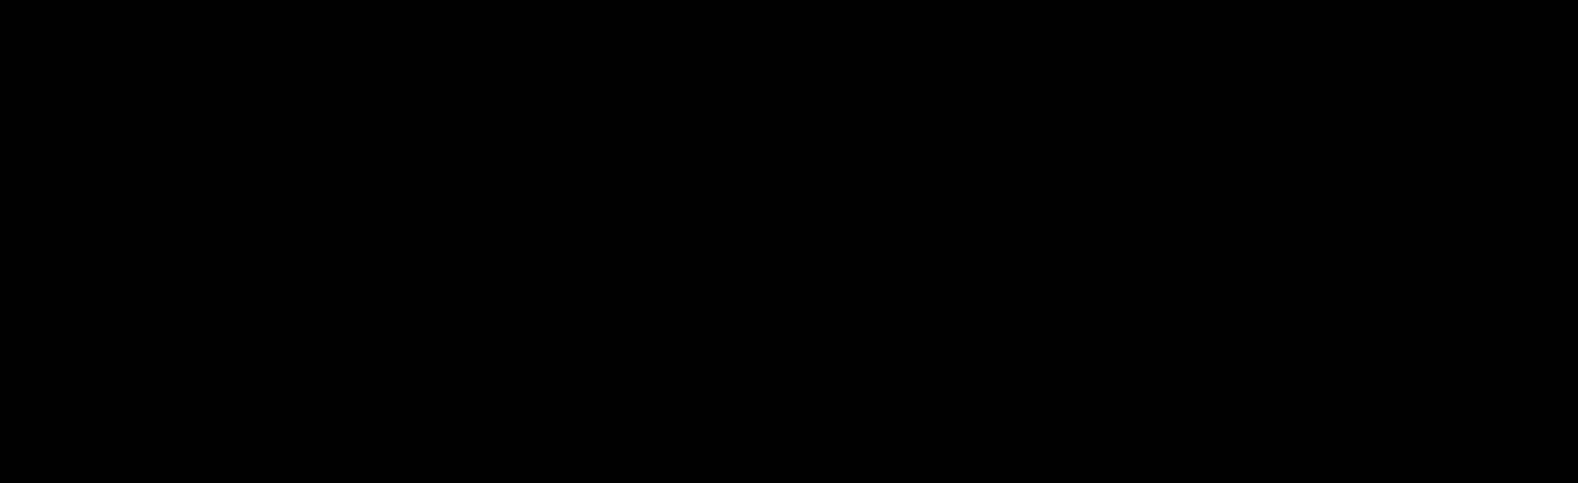 Обратные задачи аффинных преобразований или об одной красивой формуле - 47